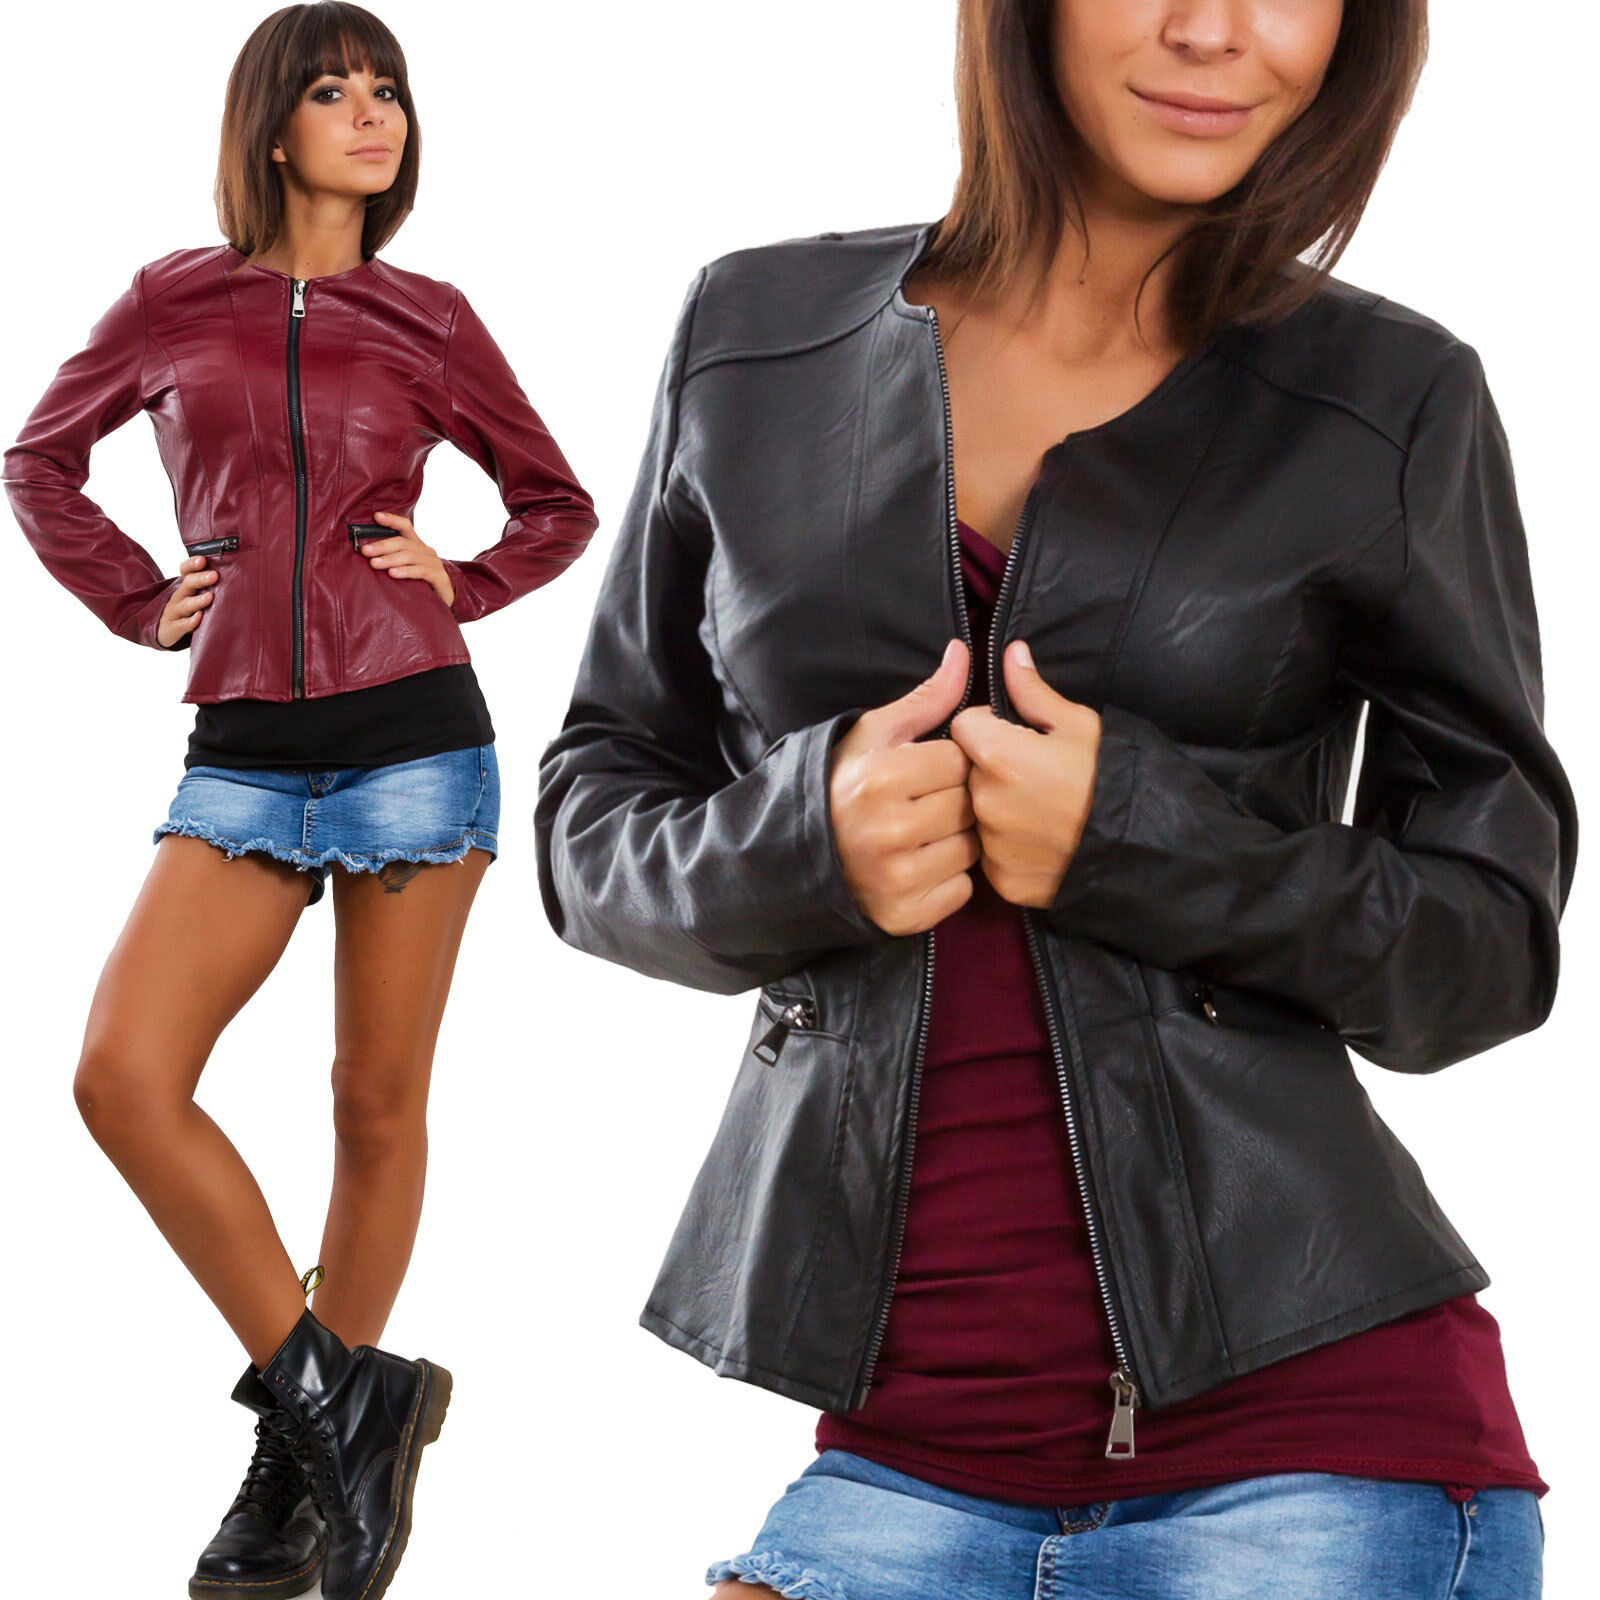 9c7c138705 Dettagli su Giacca donna ecopelle pelle cerniera zip avvitata giacchetto  giubbino VB-0213